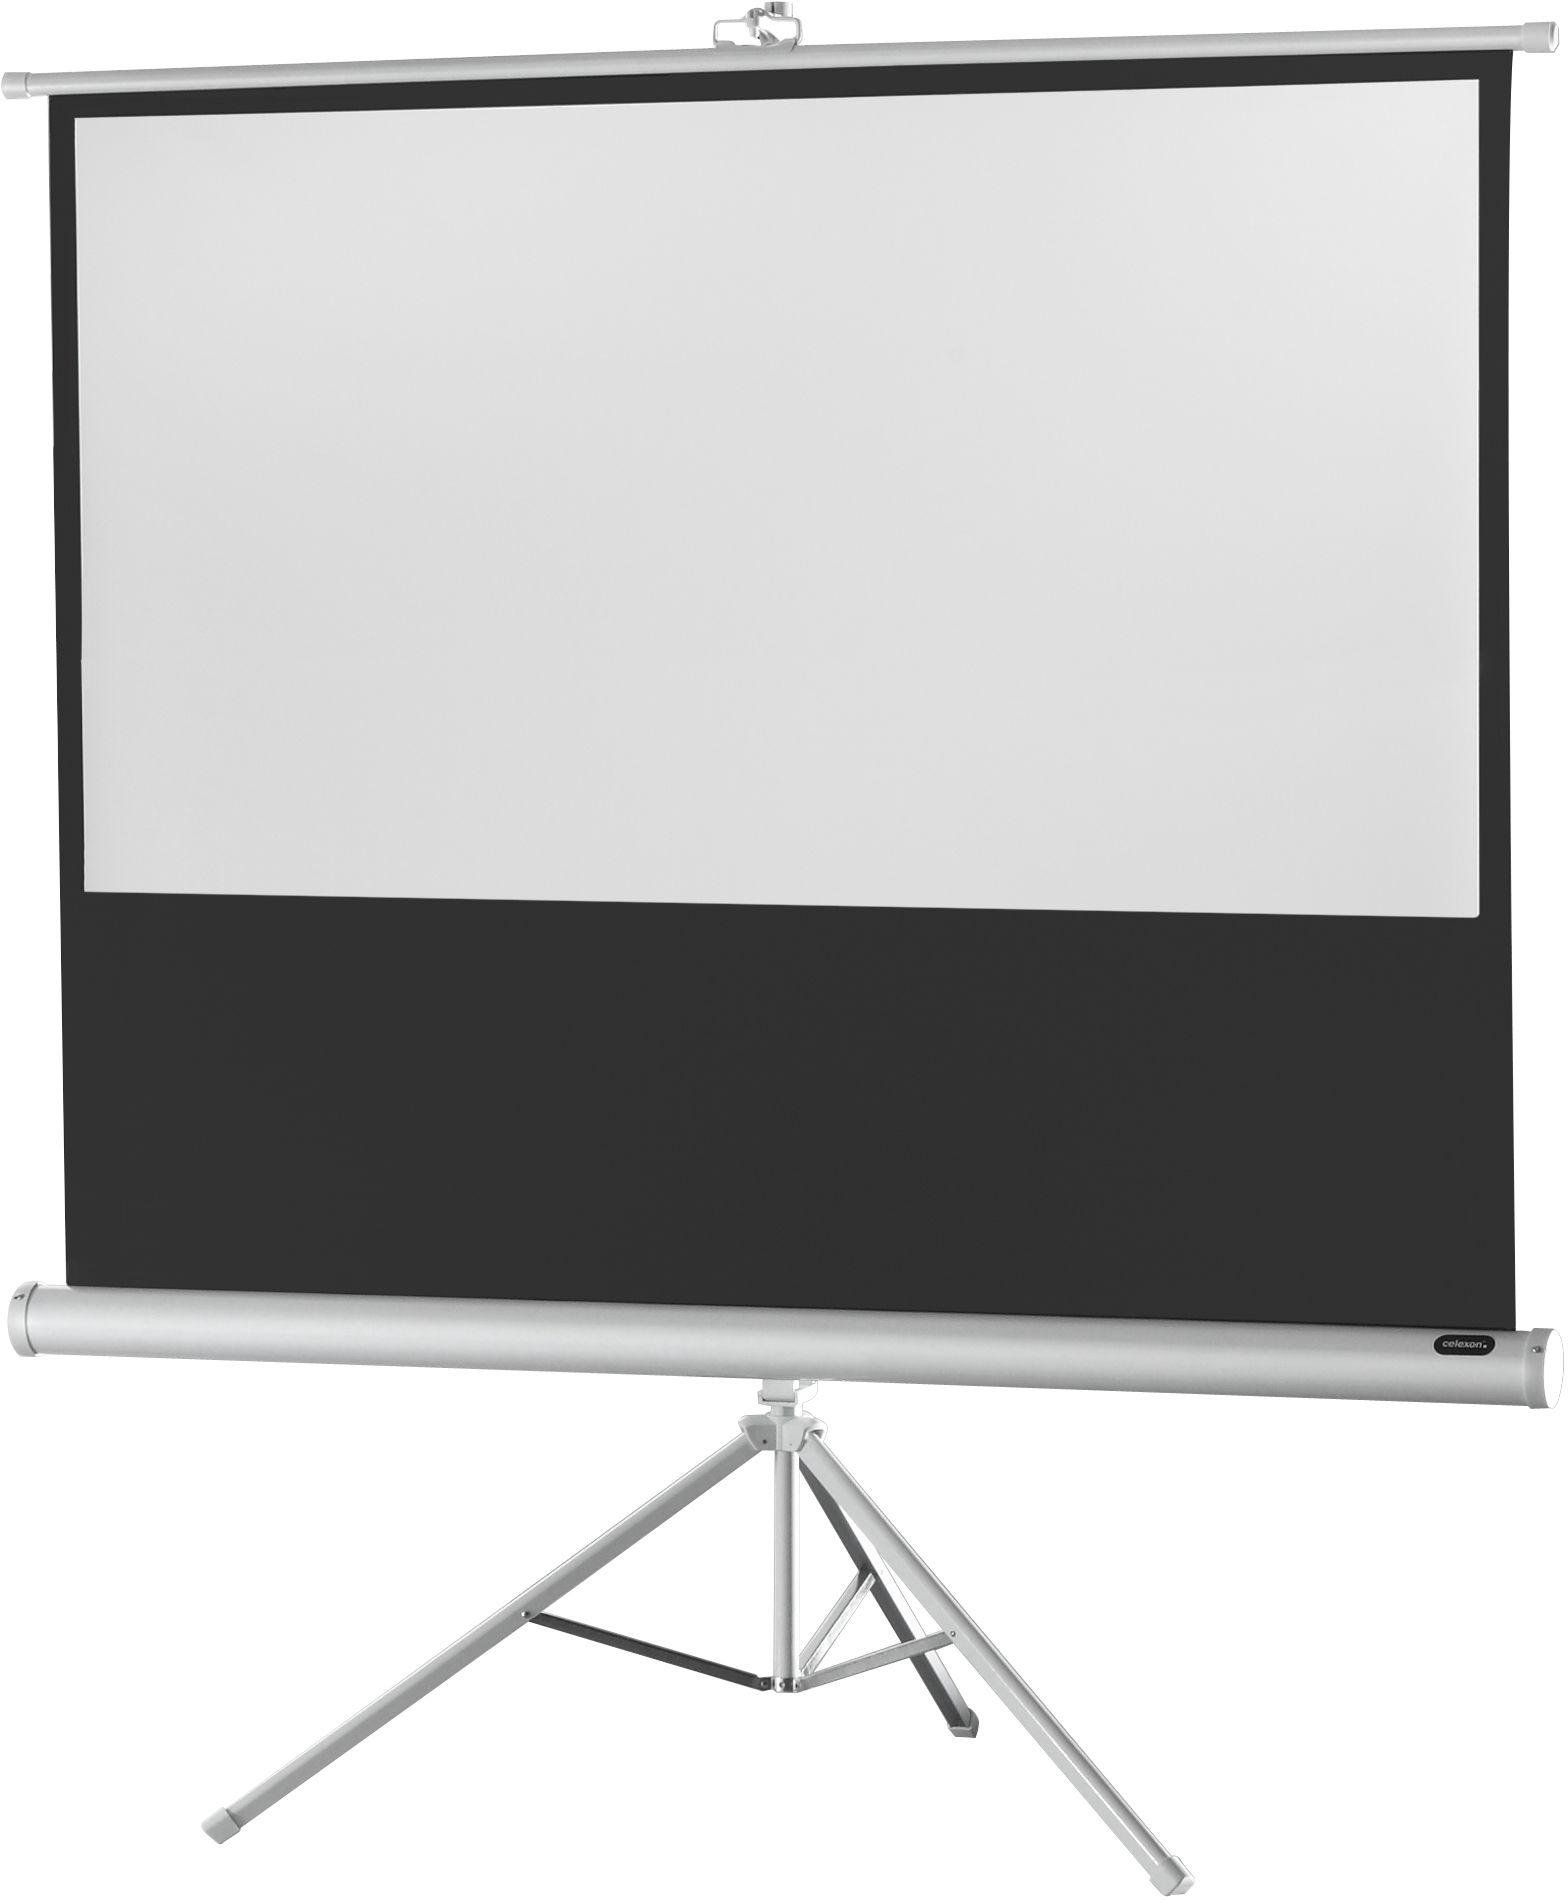 celexon Economy 133 x 75 cm ekran projekcyjny na trójnogu - Biala edycja